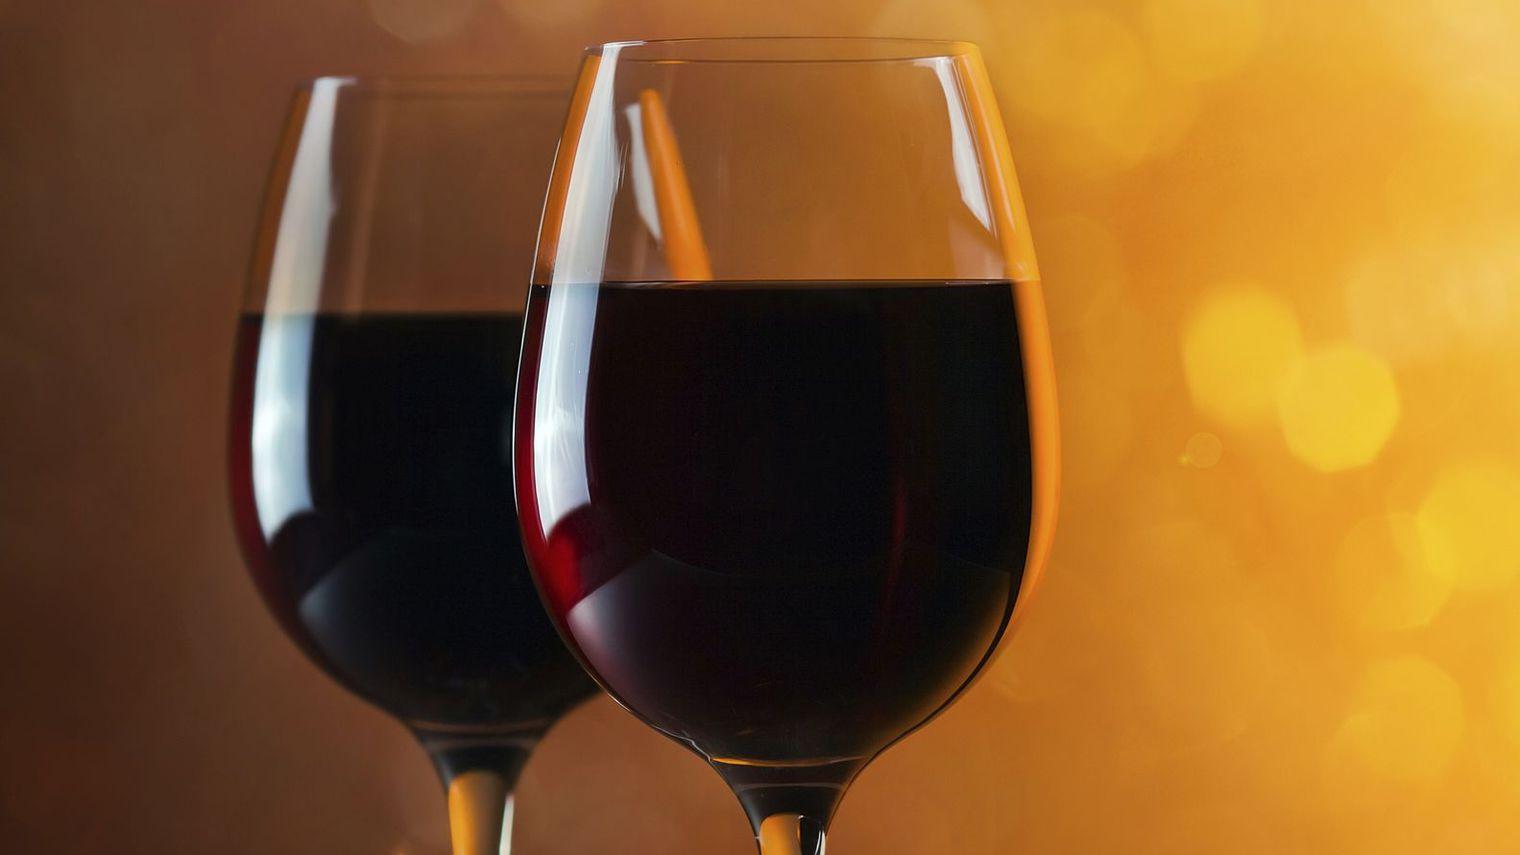 Investir dans le vin, solution pour gagner de l'argent